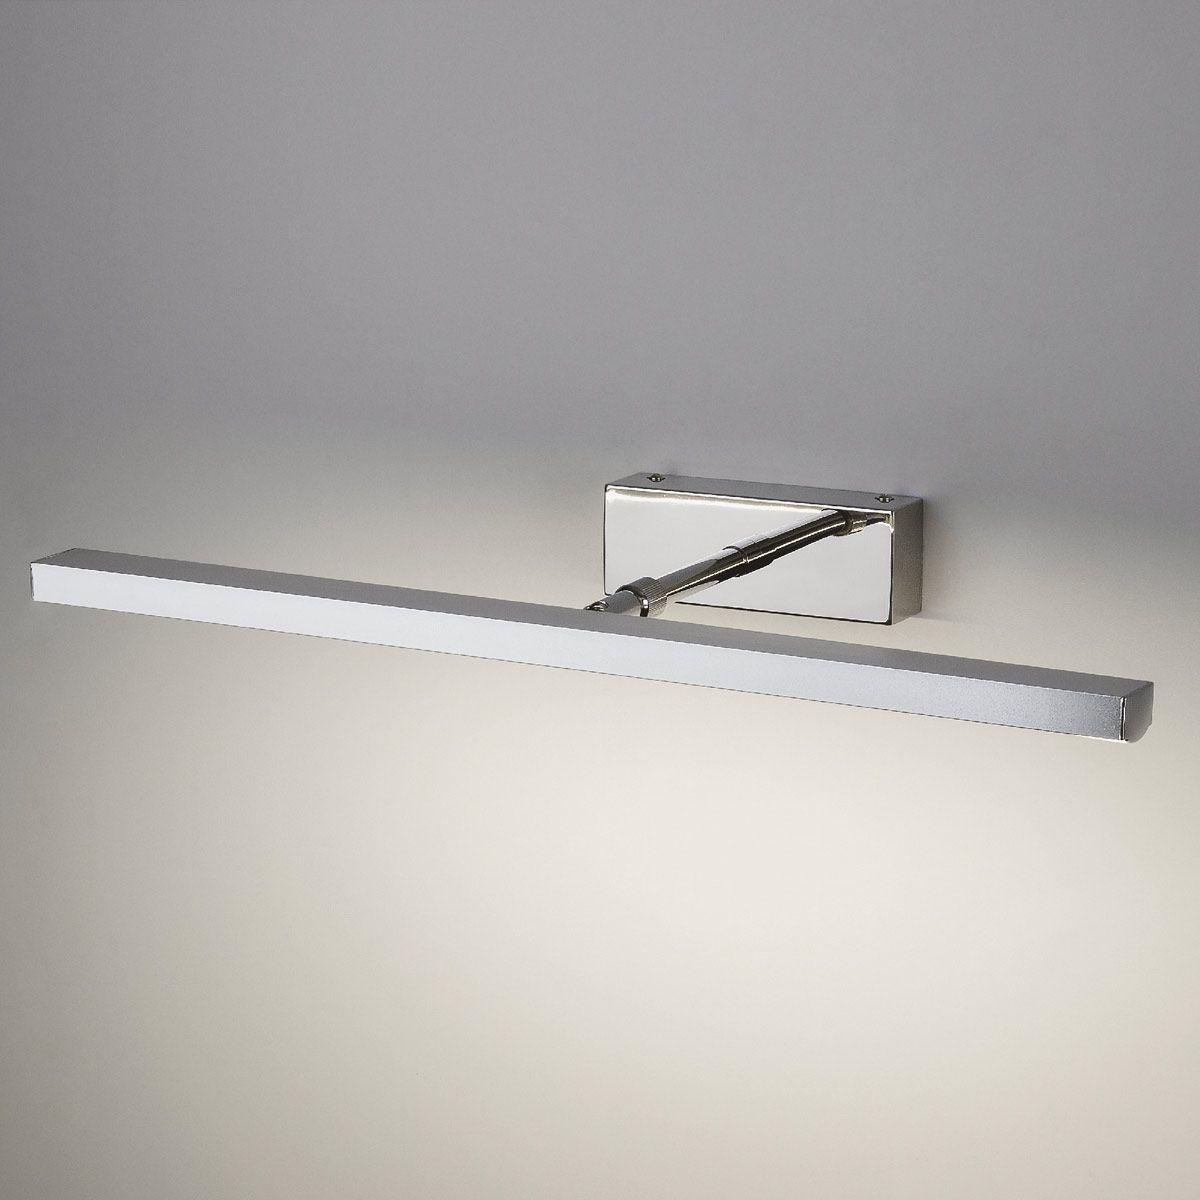 Настенный светодиодный светильник Cooper Neo LED MRL LED 7W 1003 IP20 хром